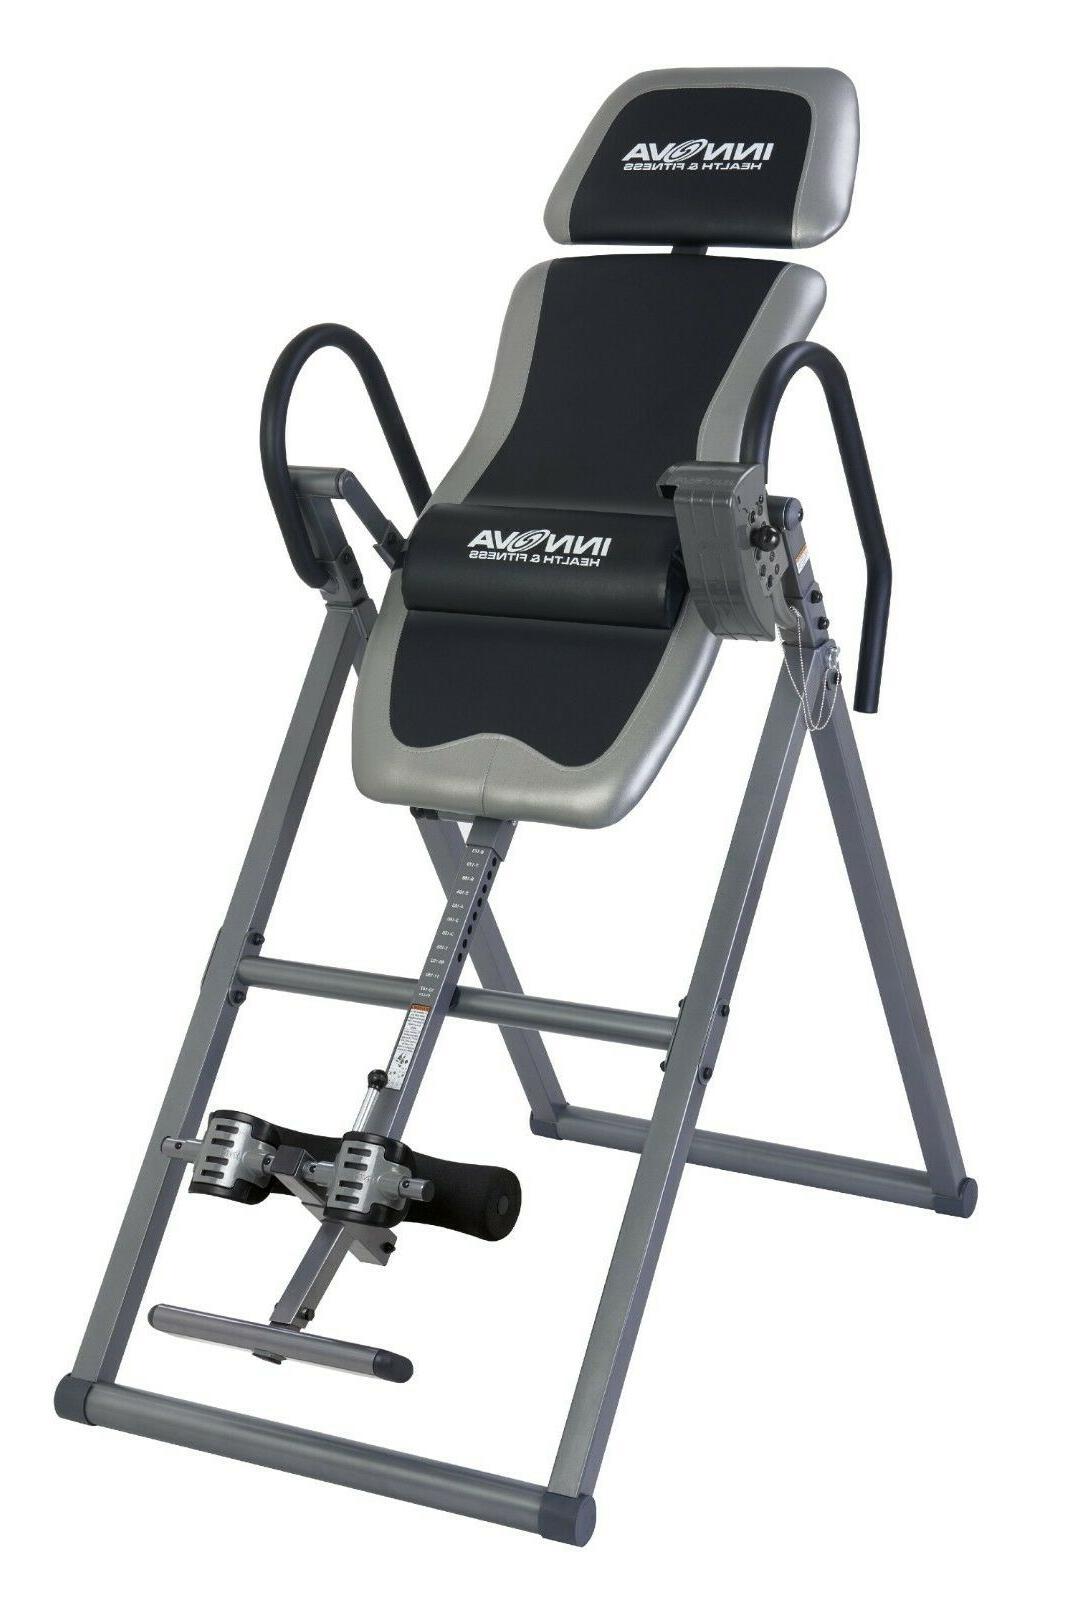 inversion table adjustable headrest pad w large